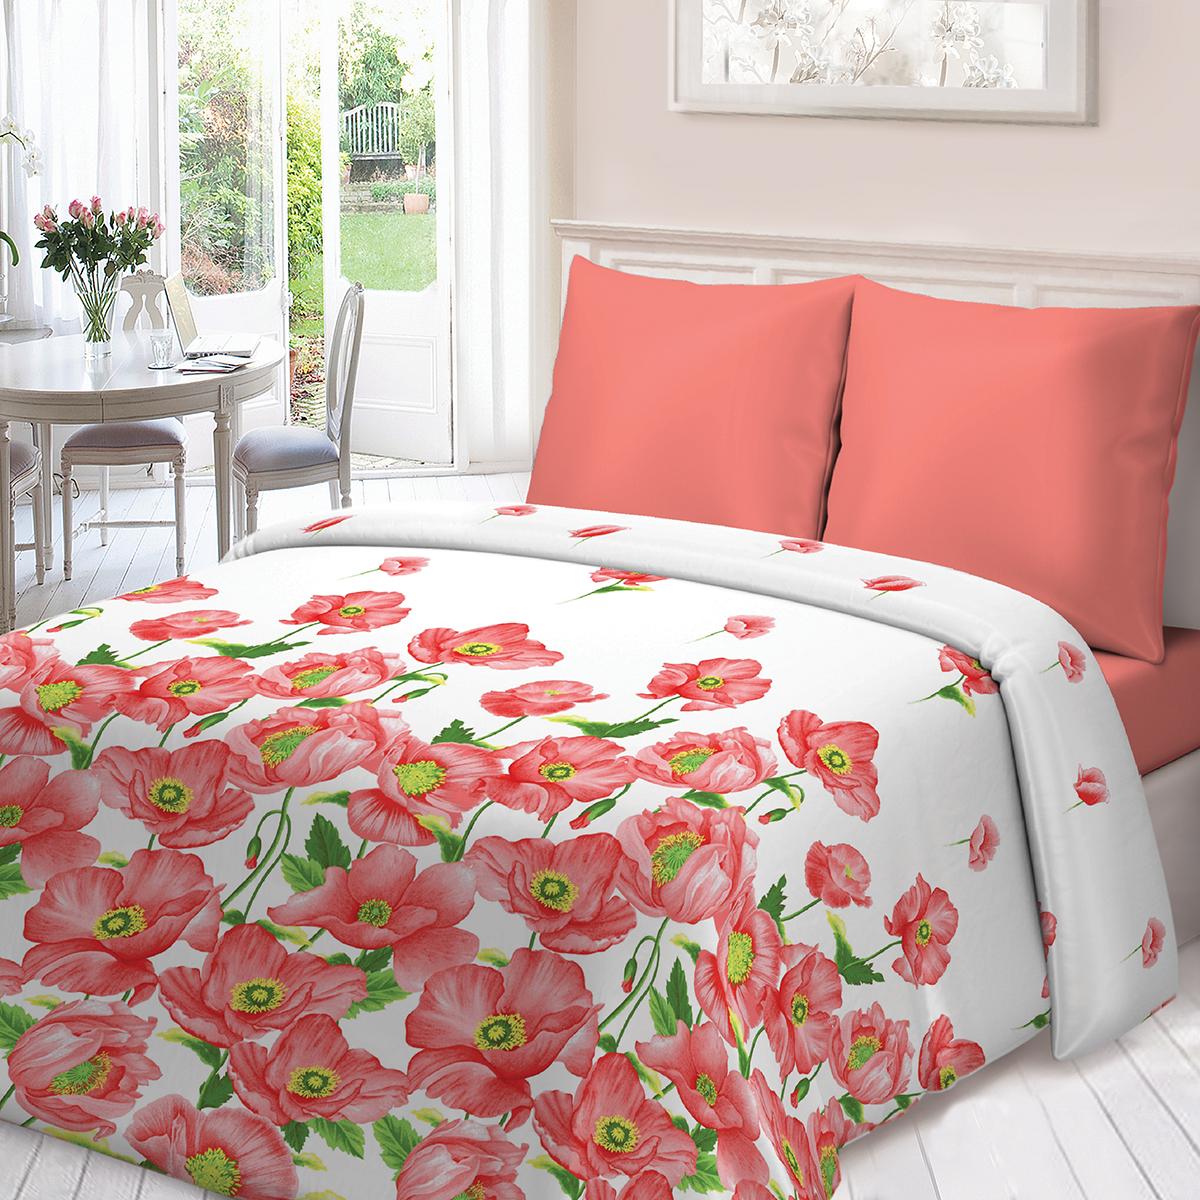 Комплект белья Для Снов Маки, 1,5-спальный, наволочки 70х70, цвет: коралловый комплекты белья